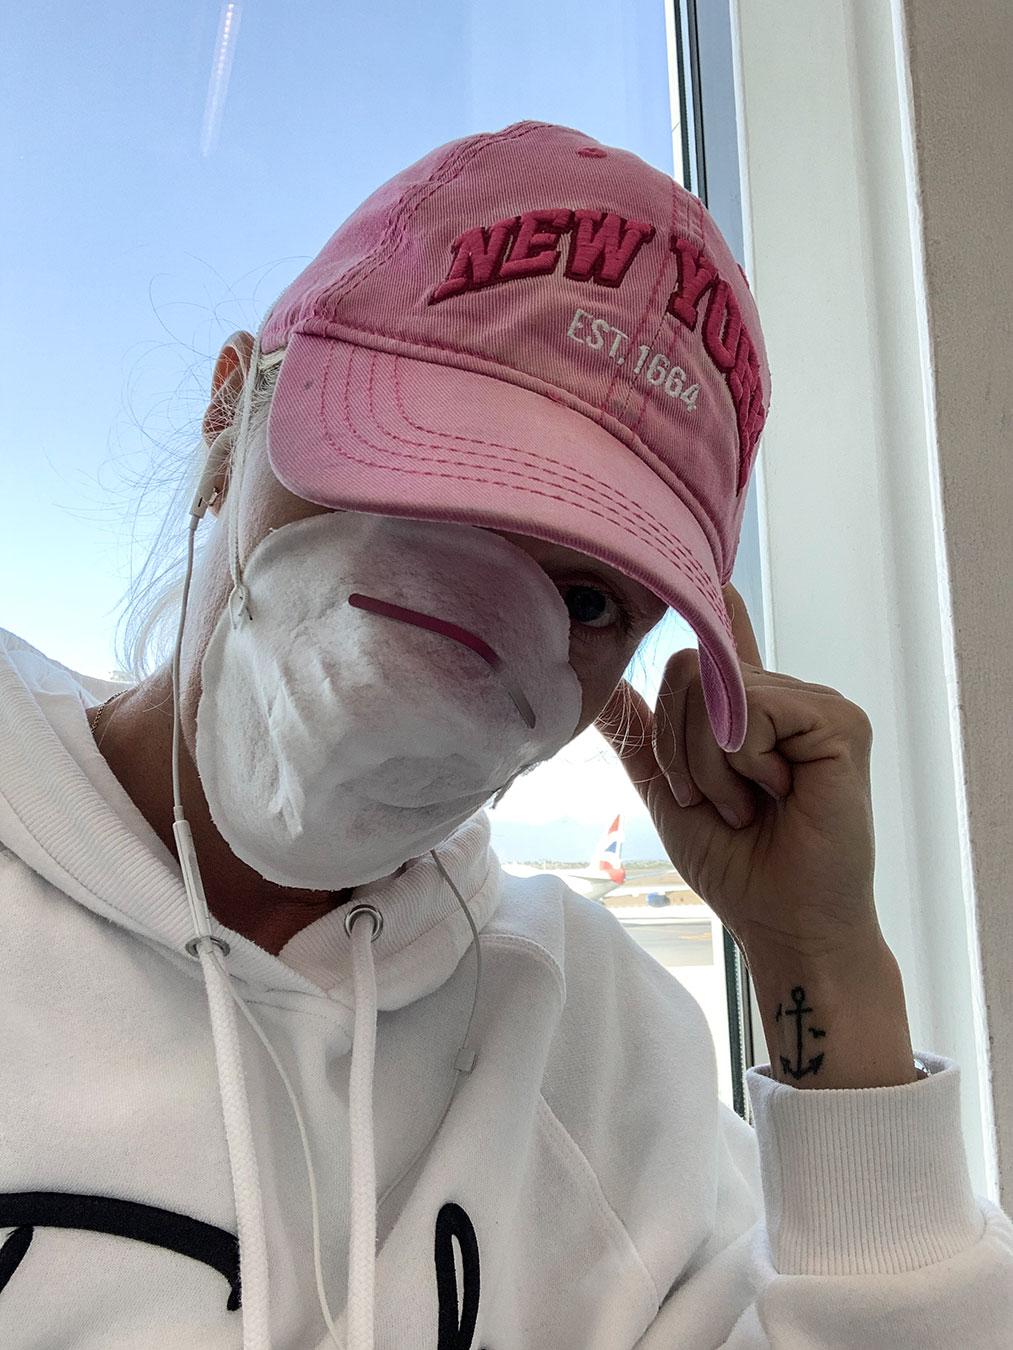 hu-vegvari-eszter-airport-mask.jpg